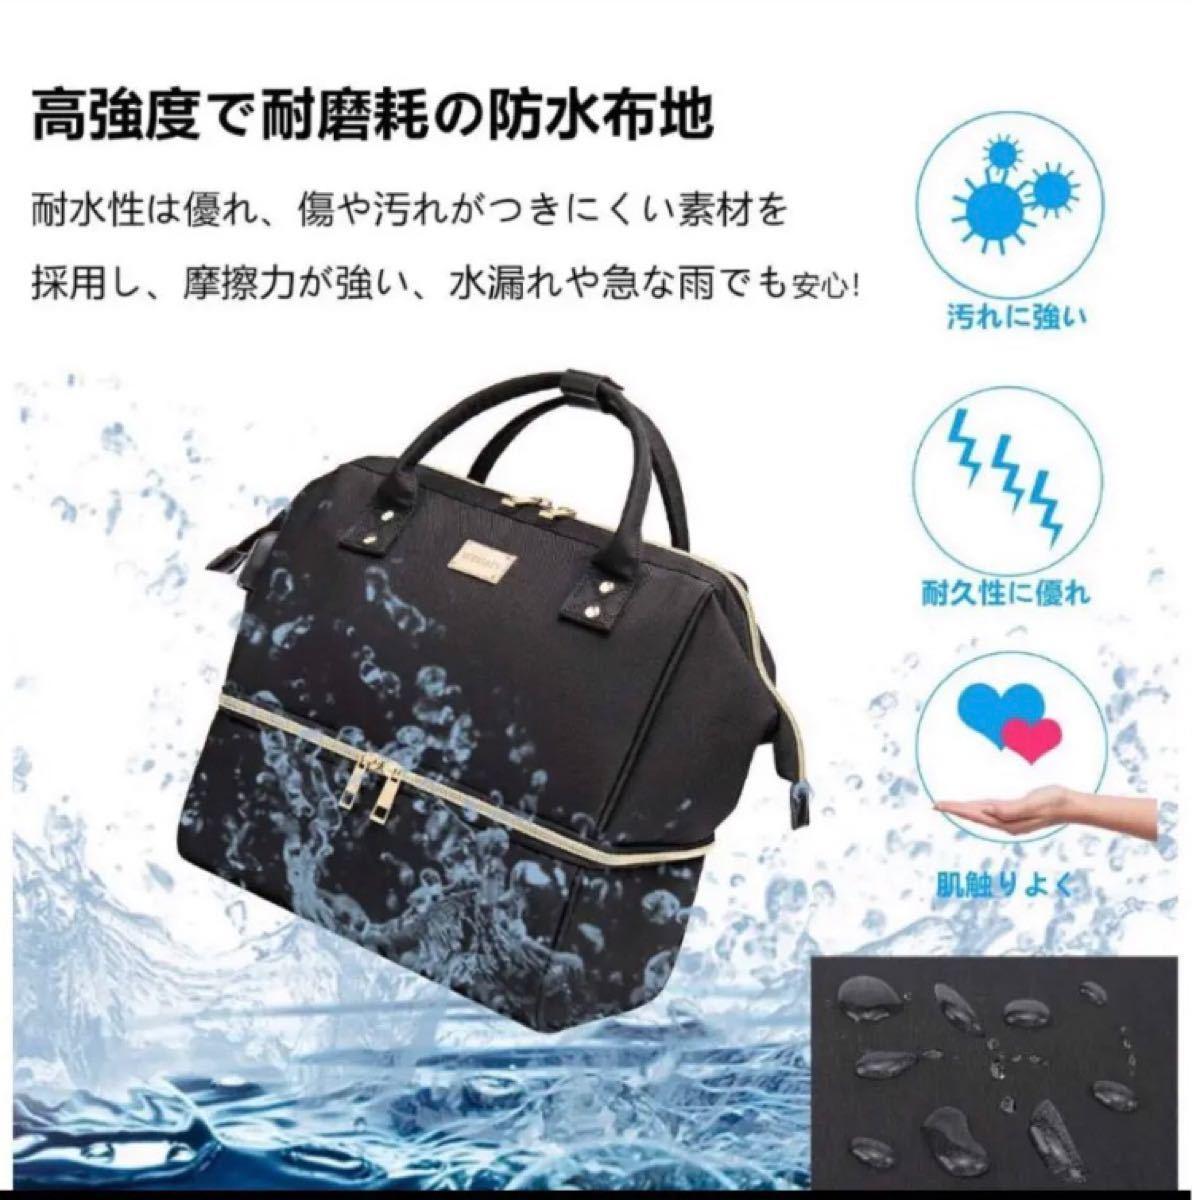 マザーズバッグ ランチバッグ【USB充電ポート&保温ポケット付き】